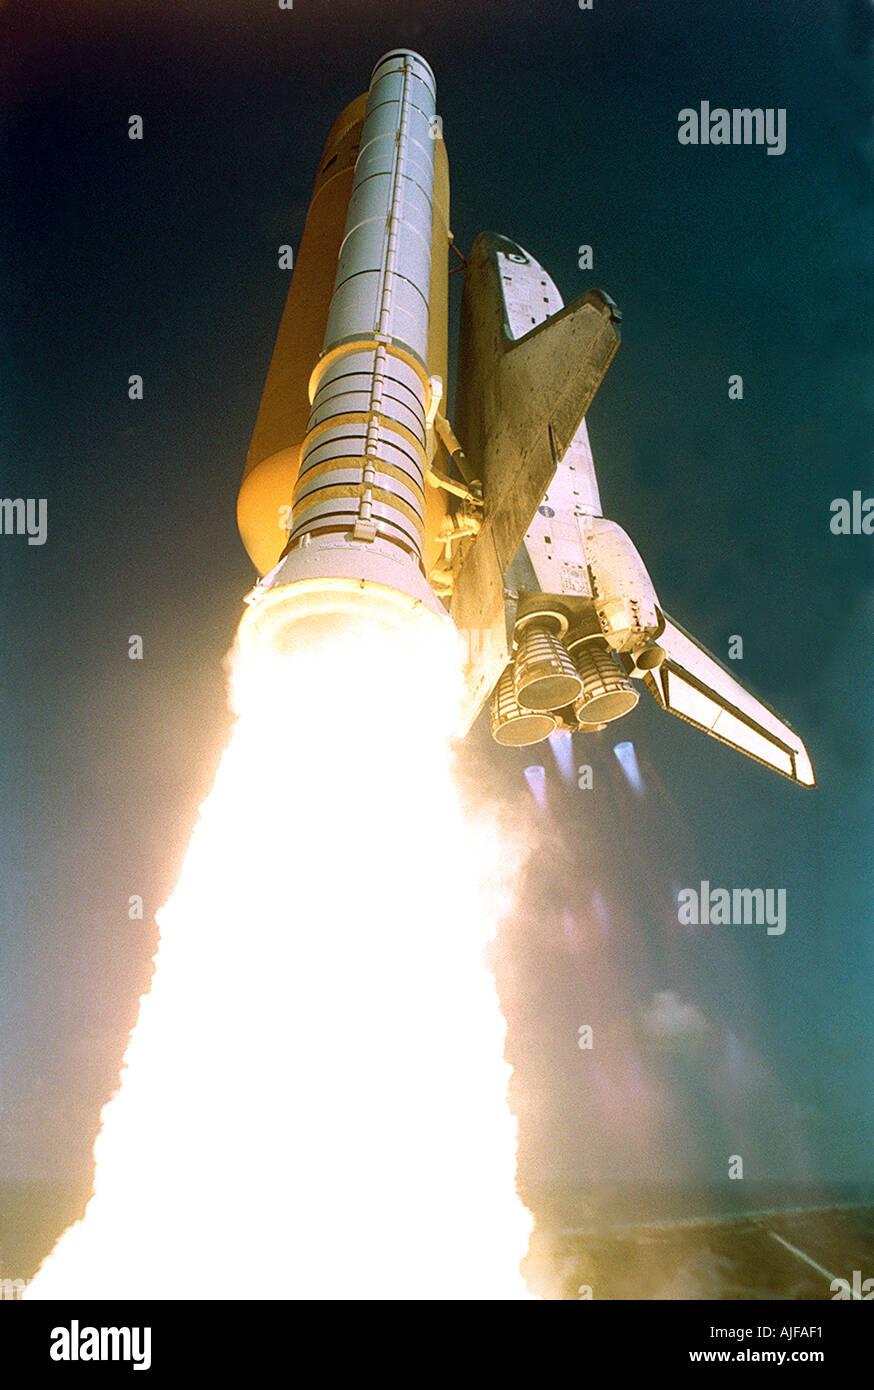 Lancement de la navette spatiale Photo Stock